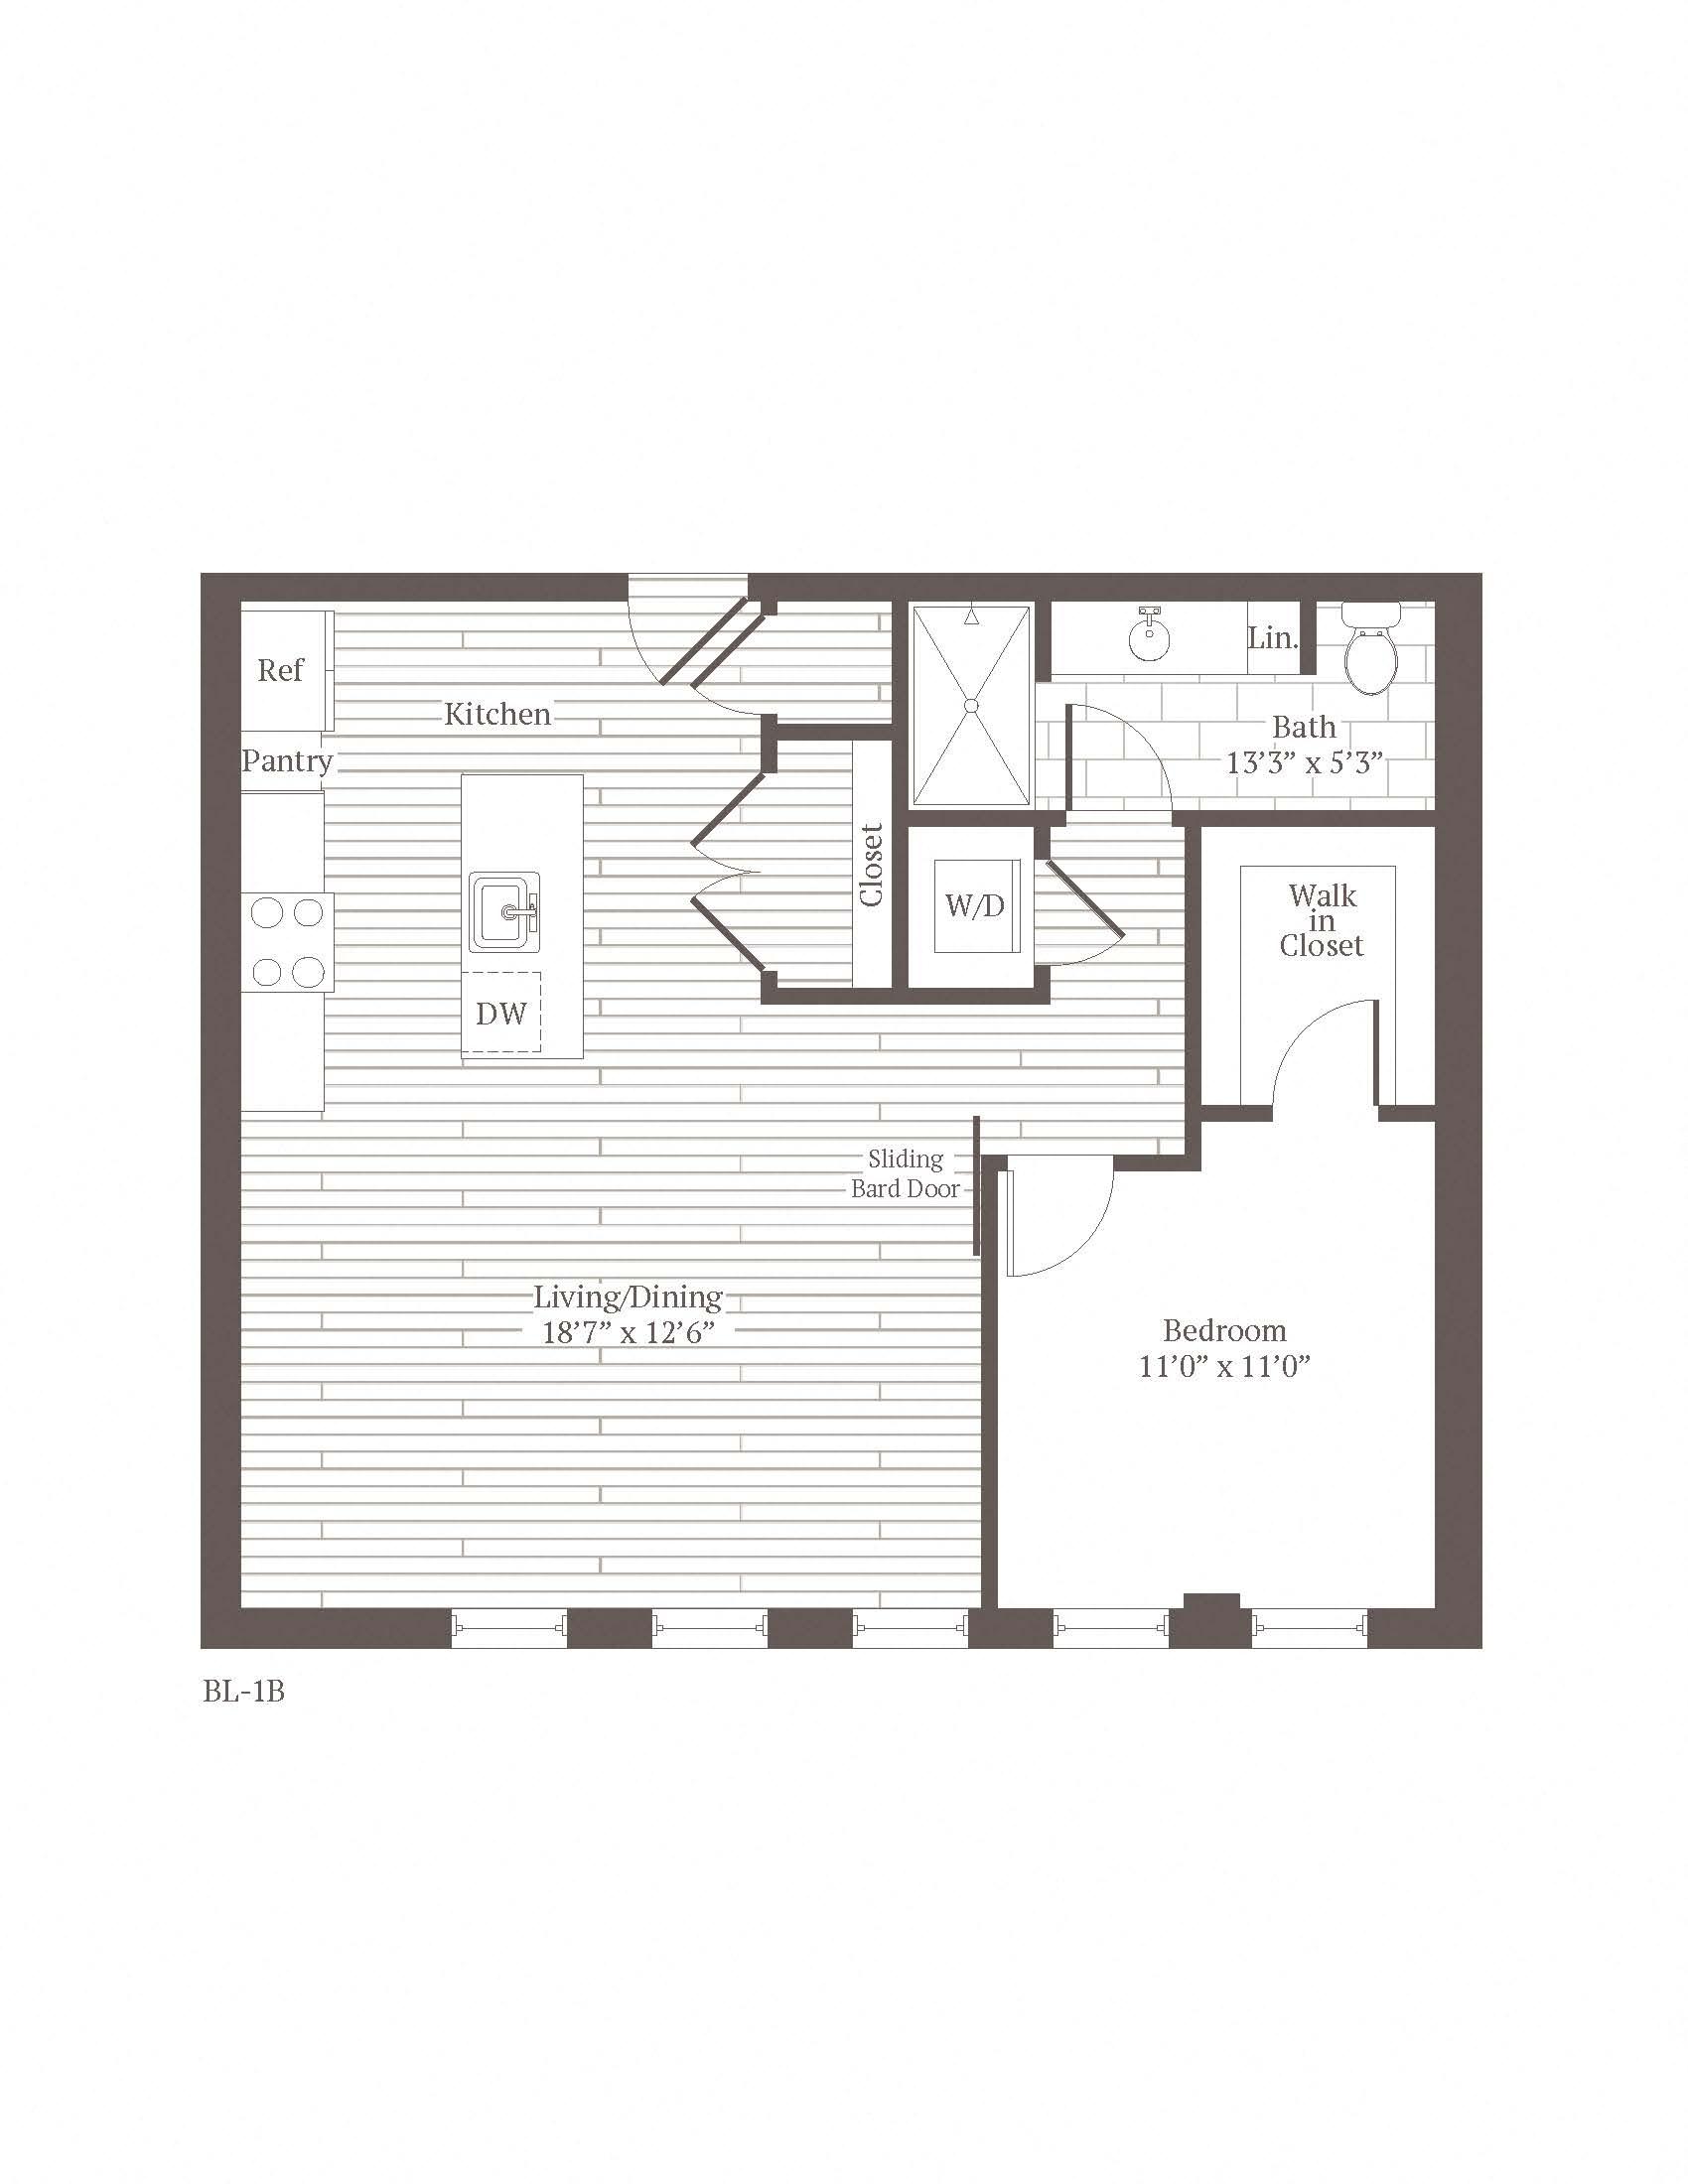 floorplan R202 image